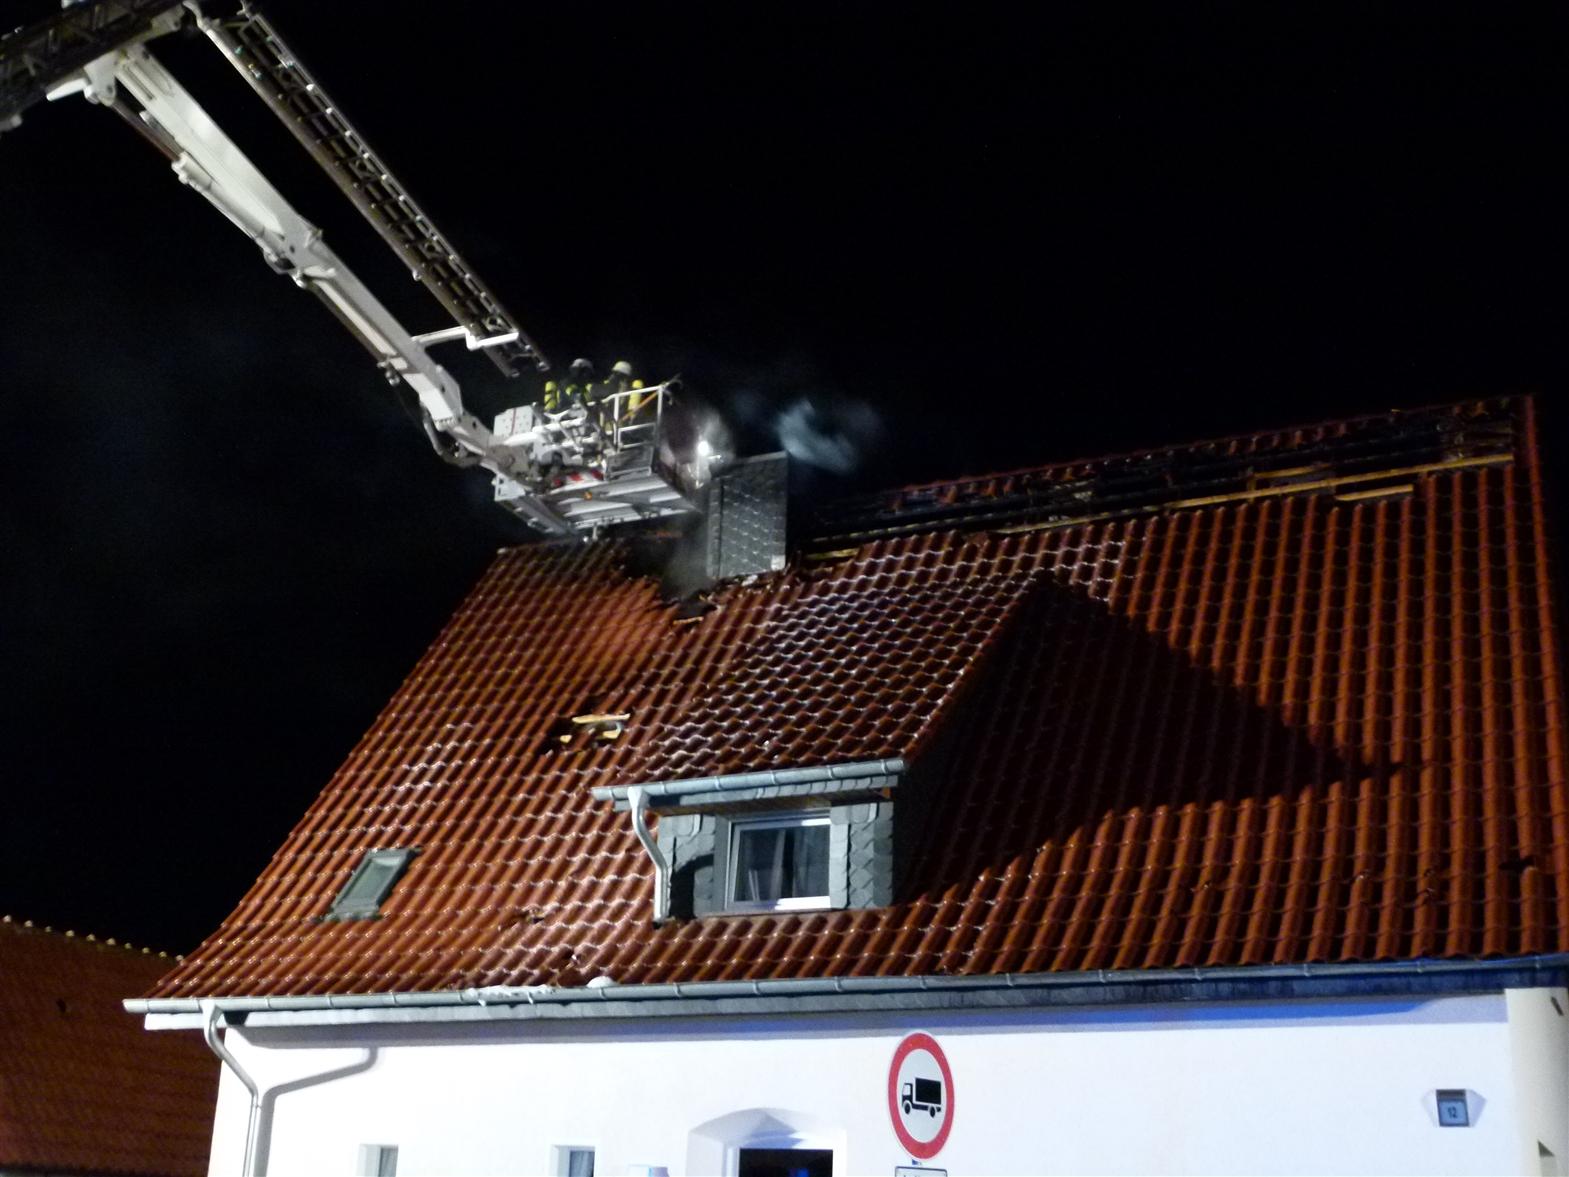 Wohnhaus nach Blitzeinschlag unbewohnbar (Foto: OTS)